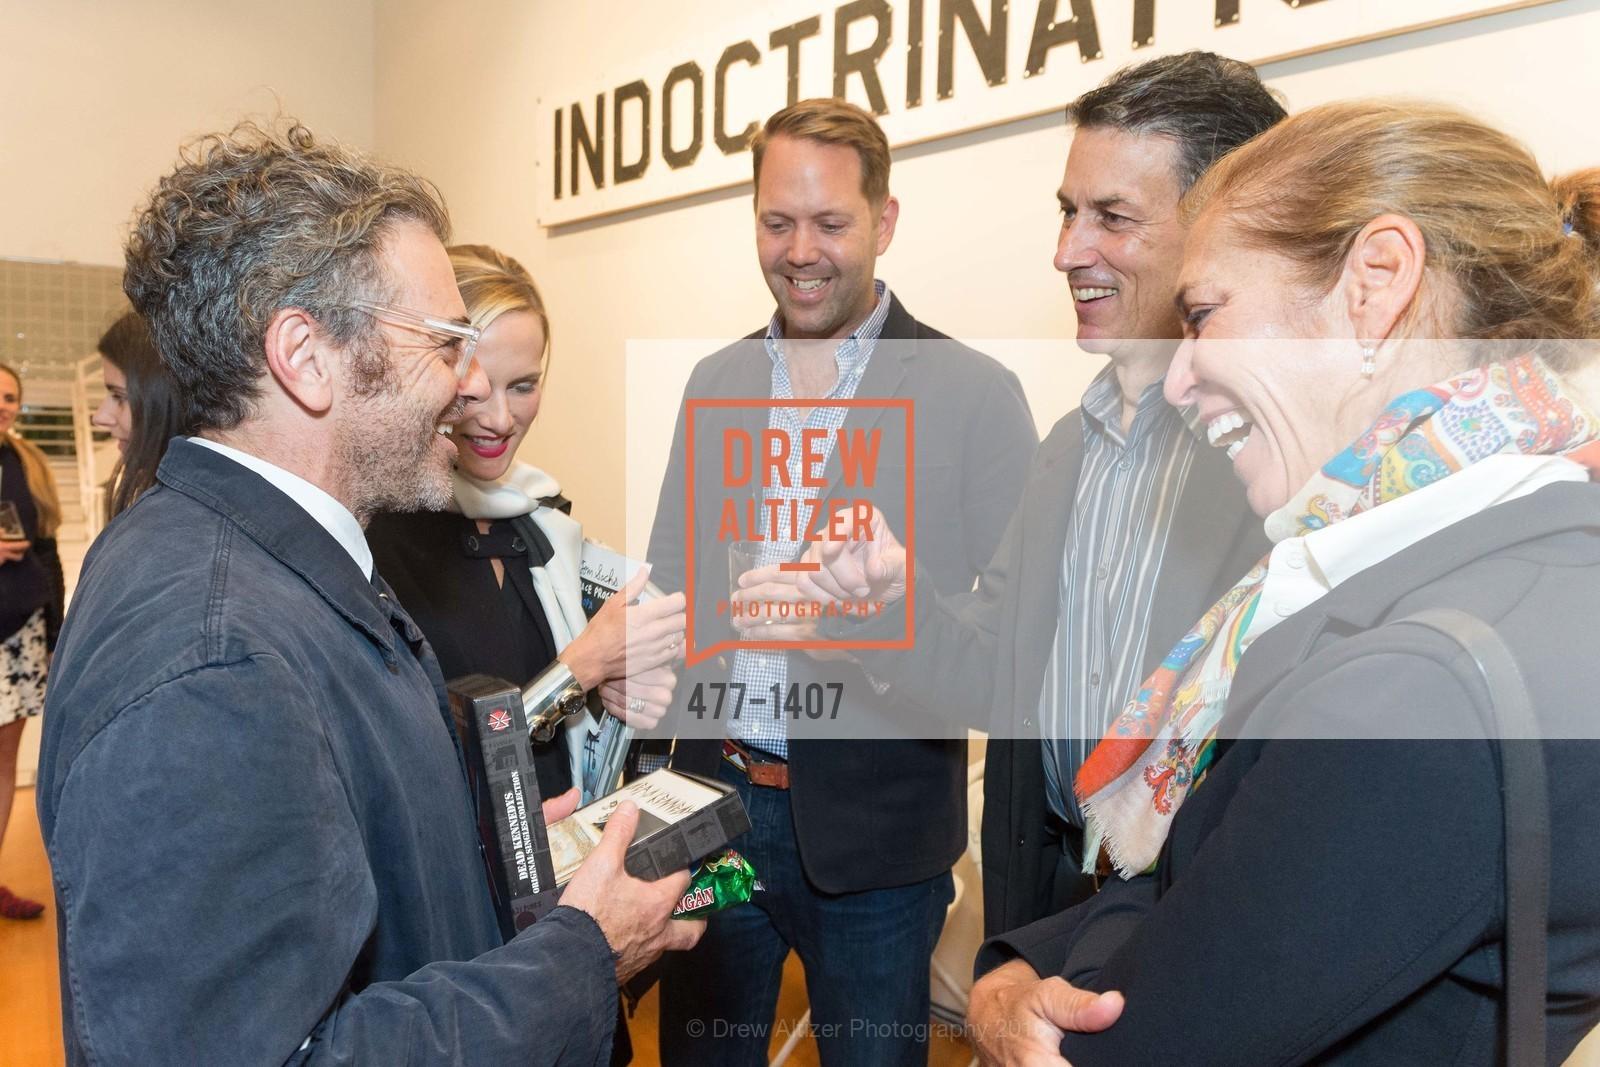 Tom Sachs, Elizabeth Dye, Alan Dye, Kevin King, Meridee Moore, Photo #477-1407